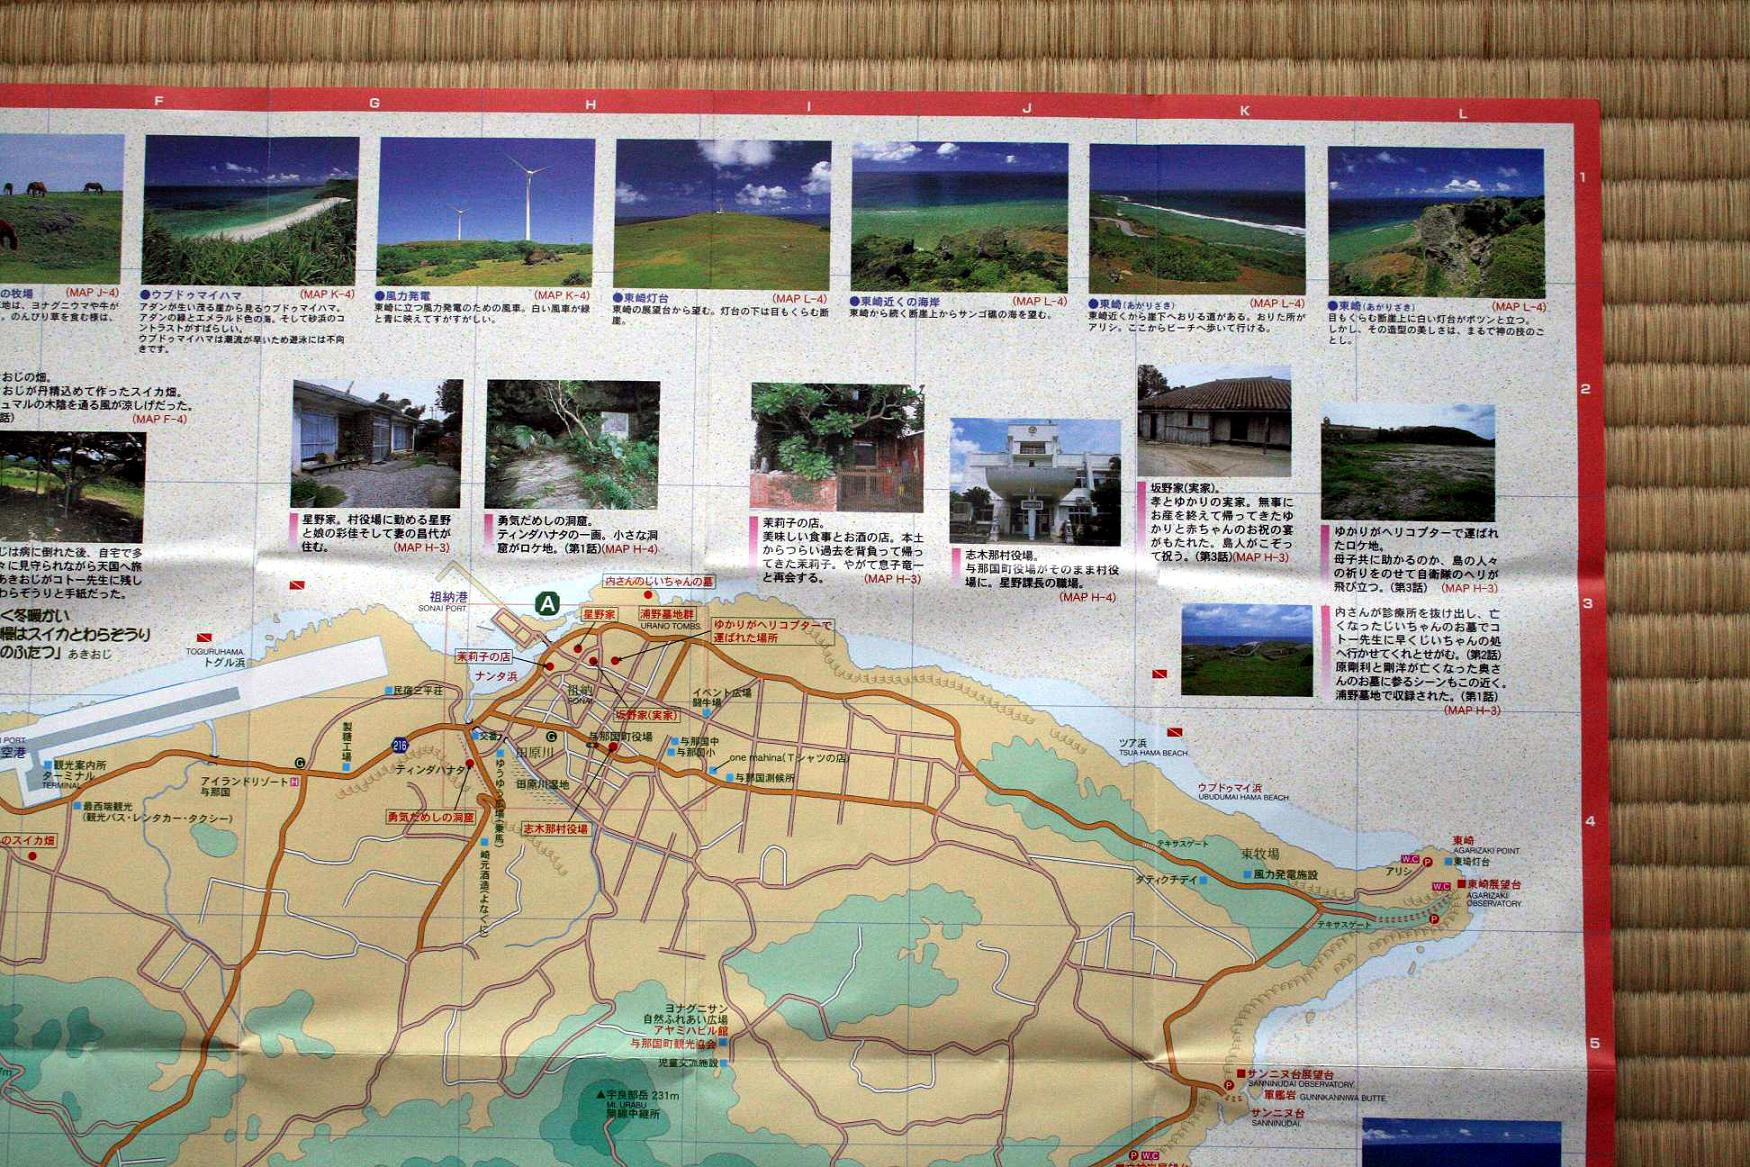 Dr.コトー診療所 ~ロケ地マップ~ 与那国島 増刊号_a0107574_2591685.jpg